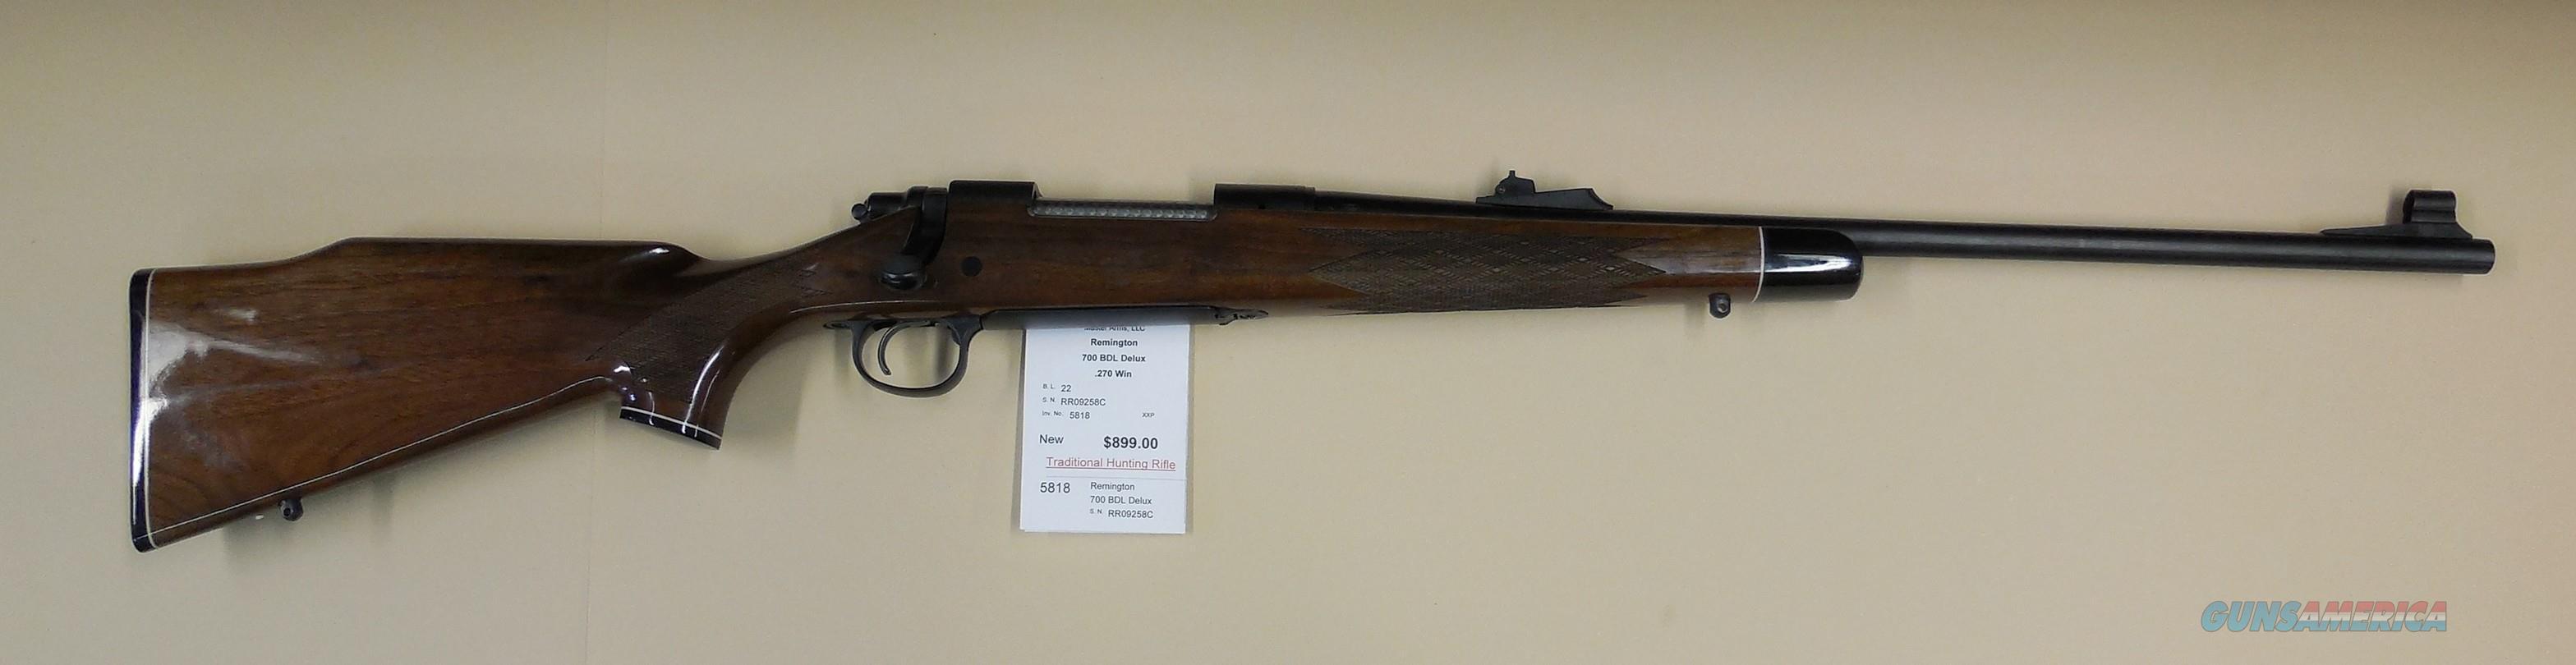 REMINGTON 700 BDL DELUXE  Guns > Rifles > Remington Rifles - Modern > Model 700 > Sporting